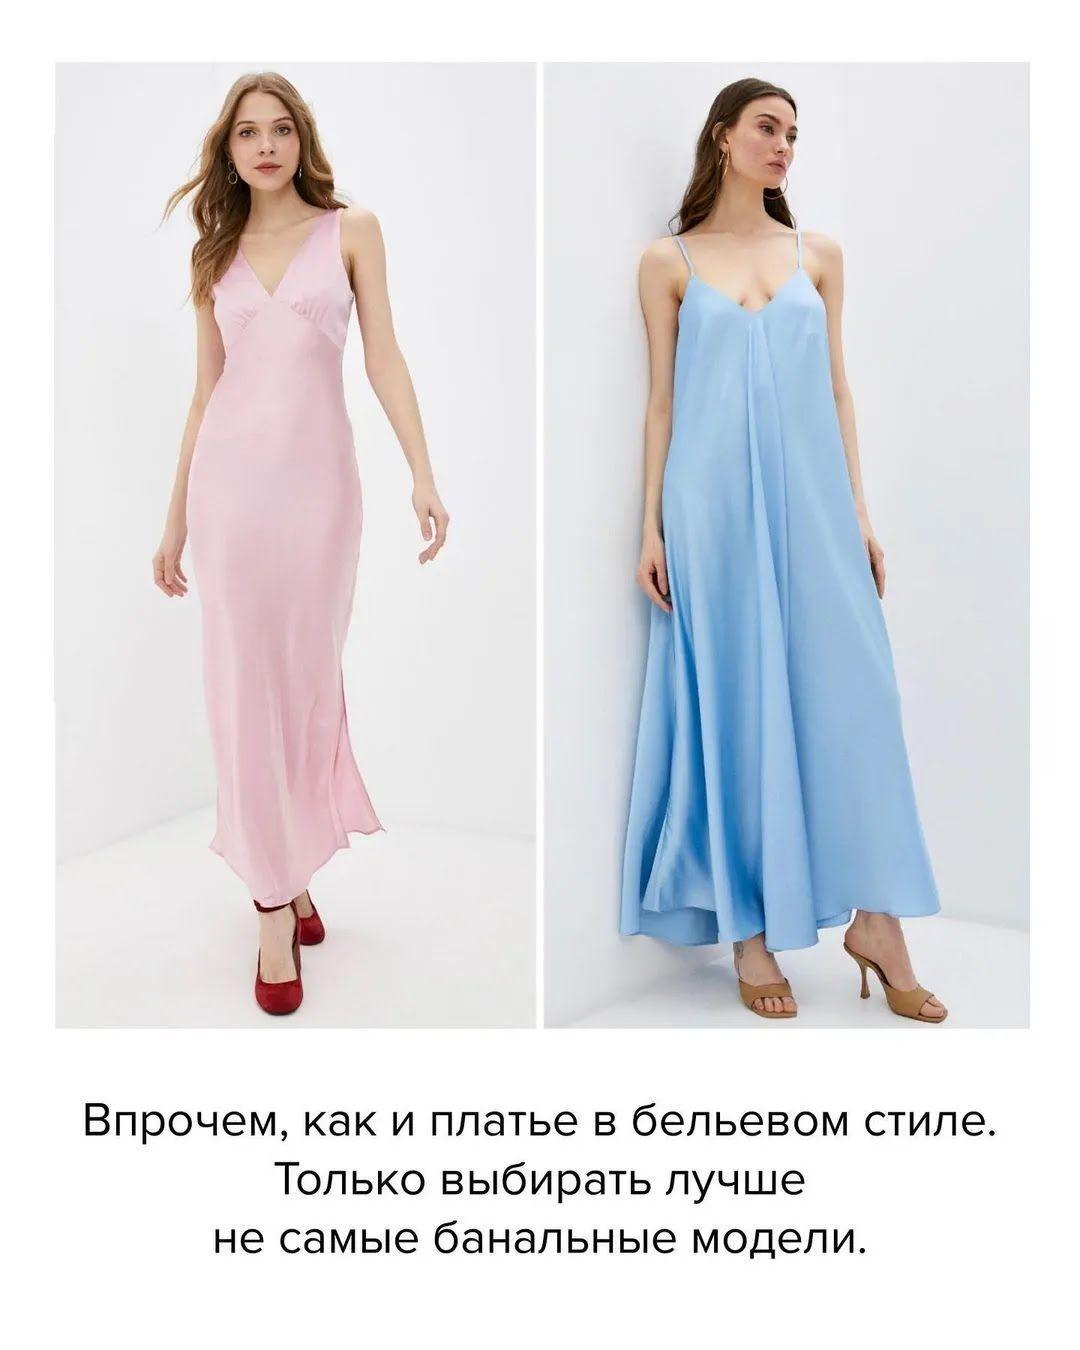 Модное вечернее платье в бельевом стиле 2021